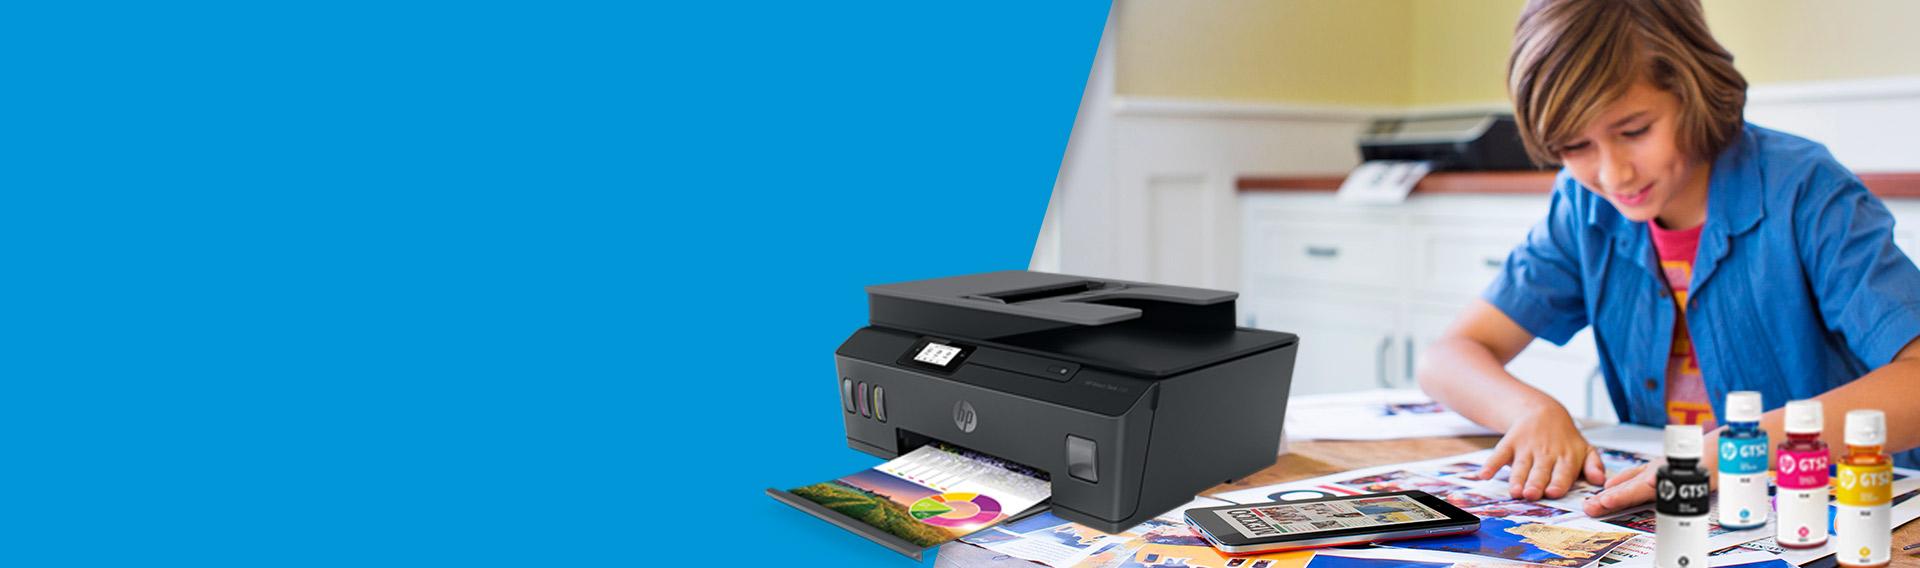 Impresoras HP con Envío Gratis. Perfectas para imprimir a bajo costo, grandes volúmenes.